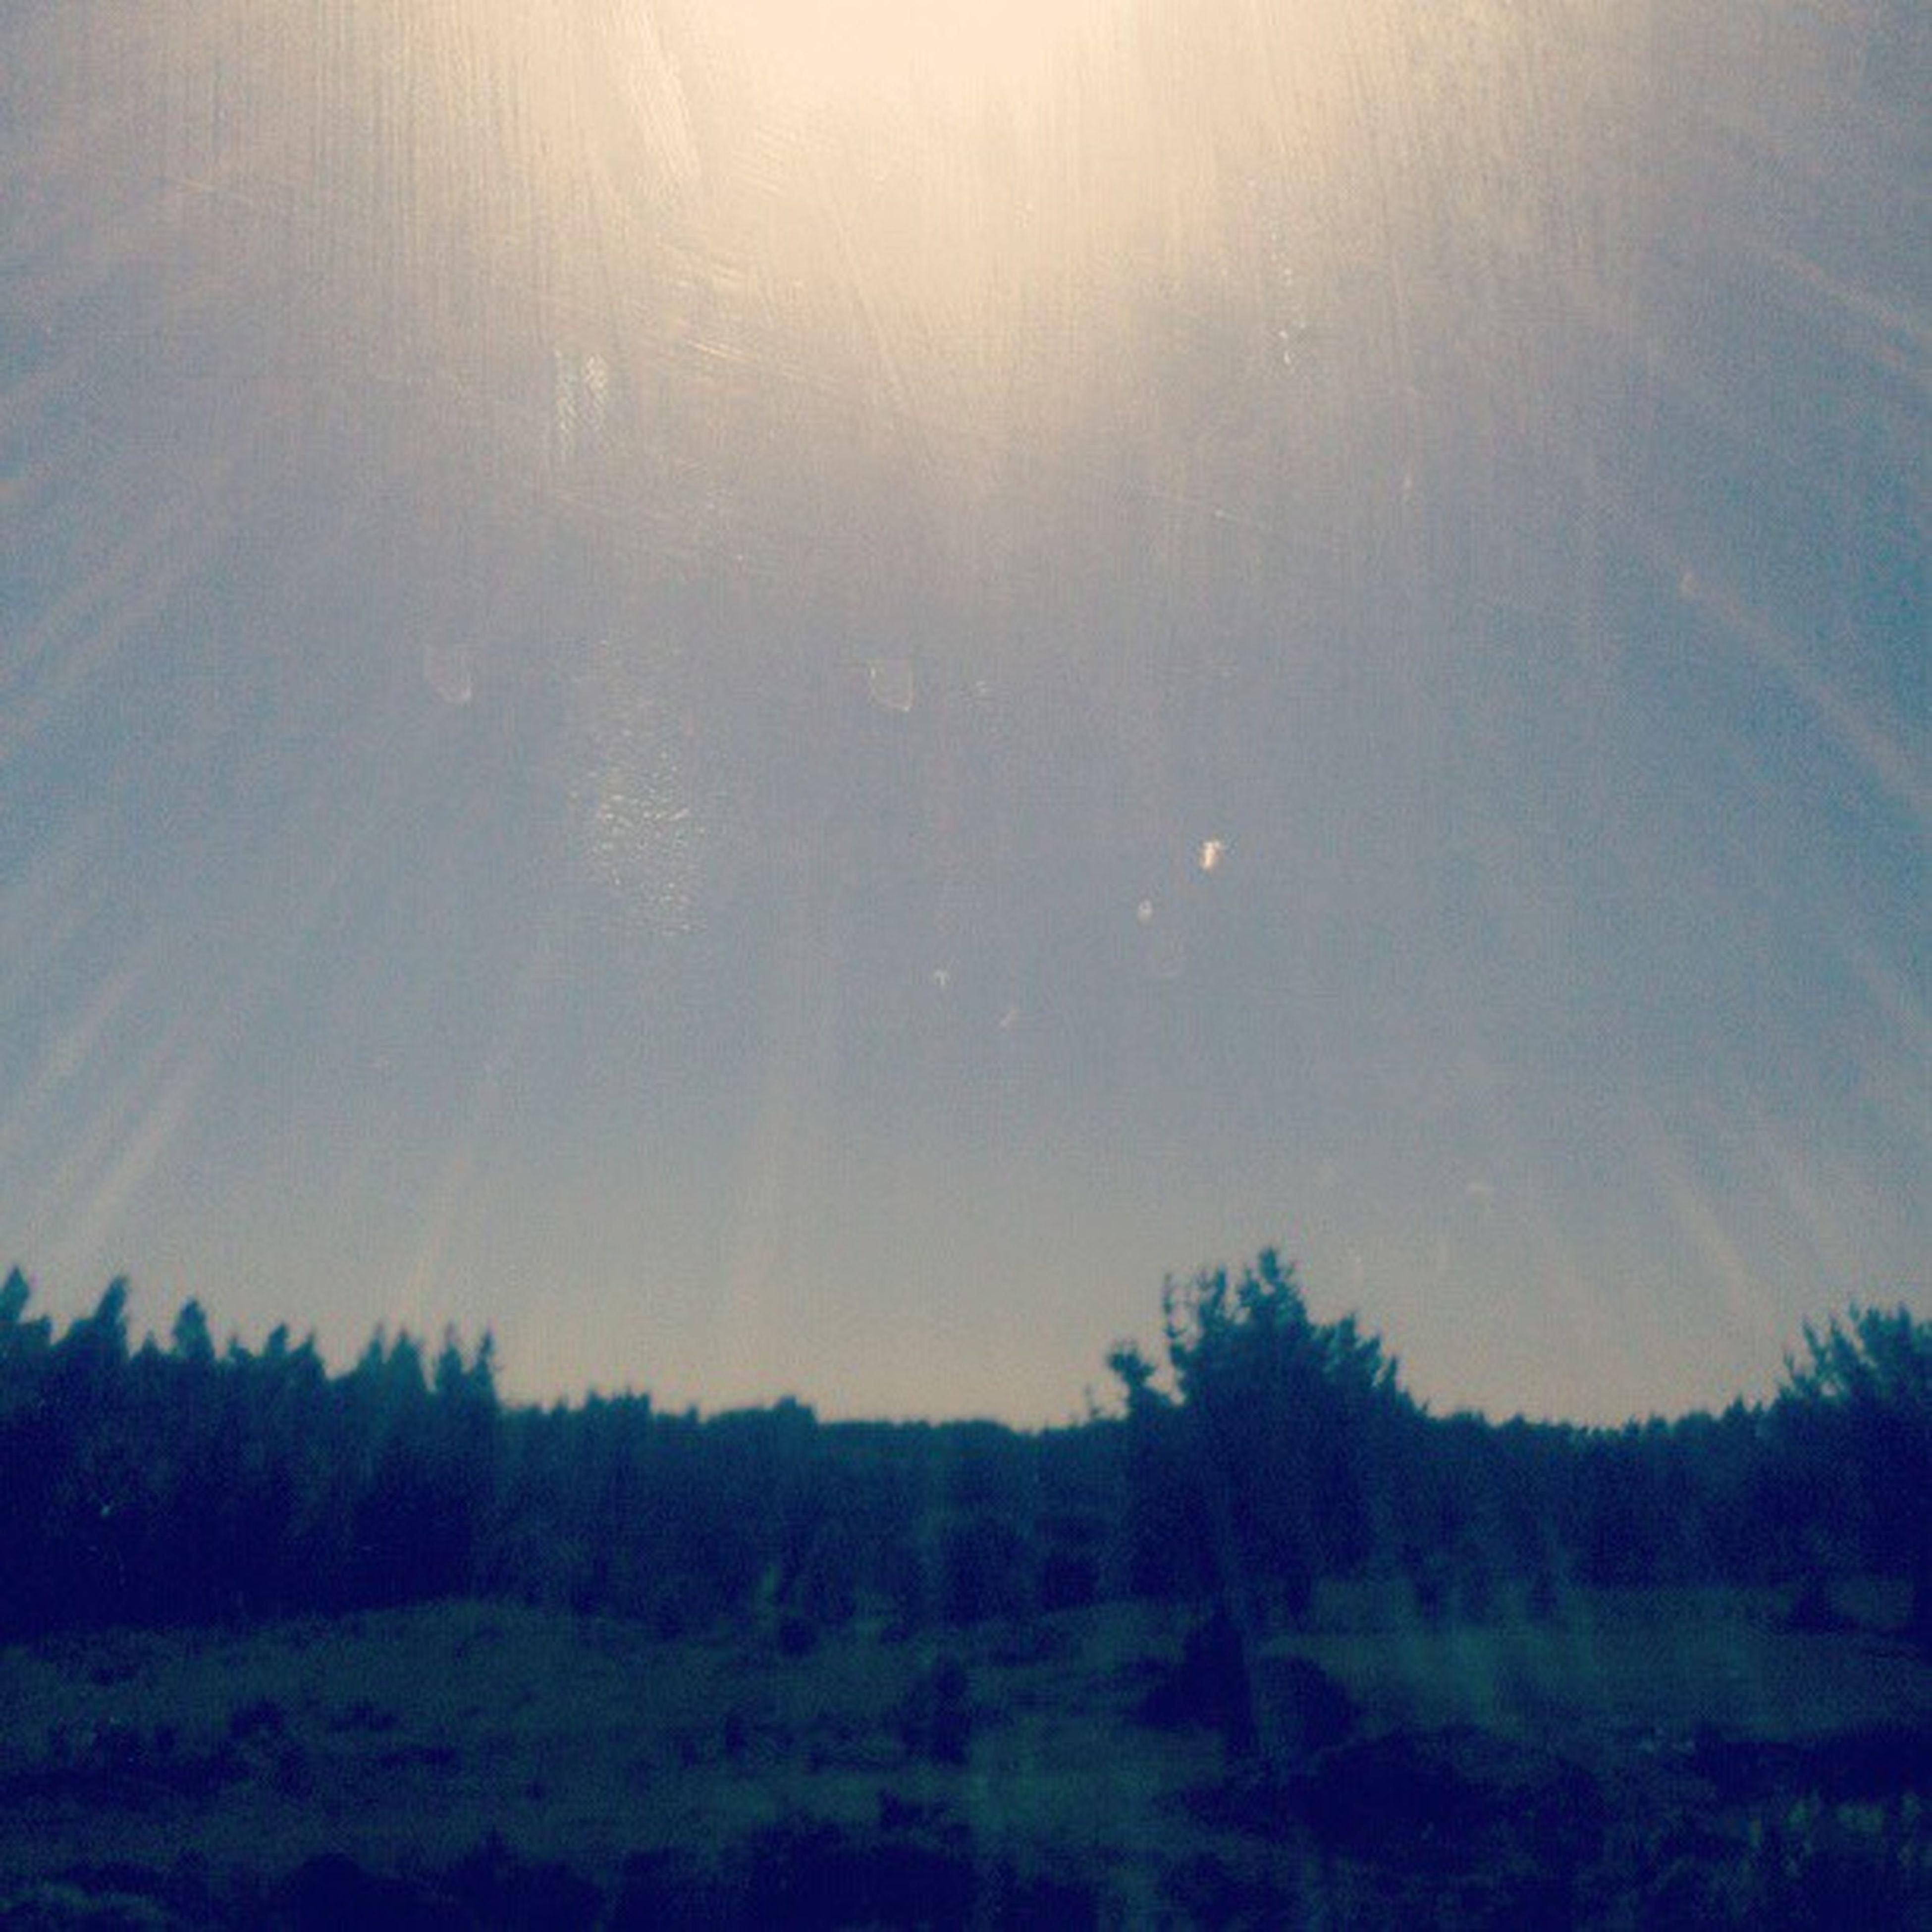 viajando...paisaje antes de Antihuala((: